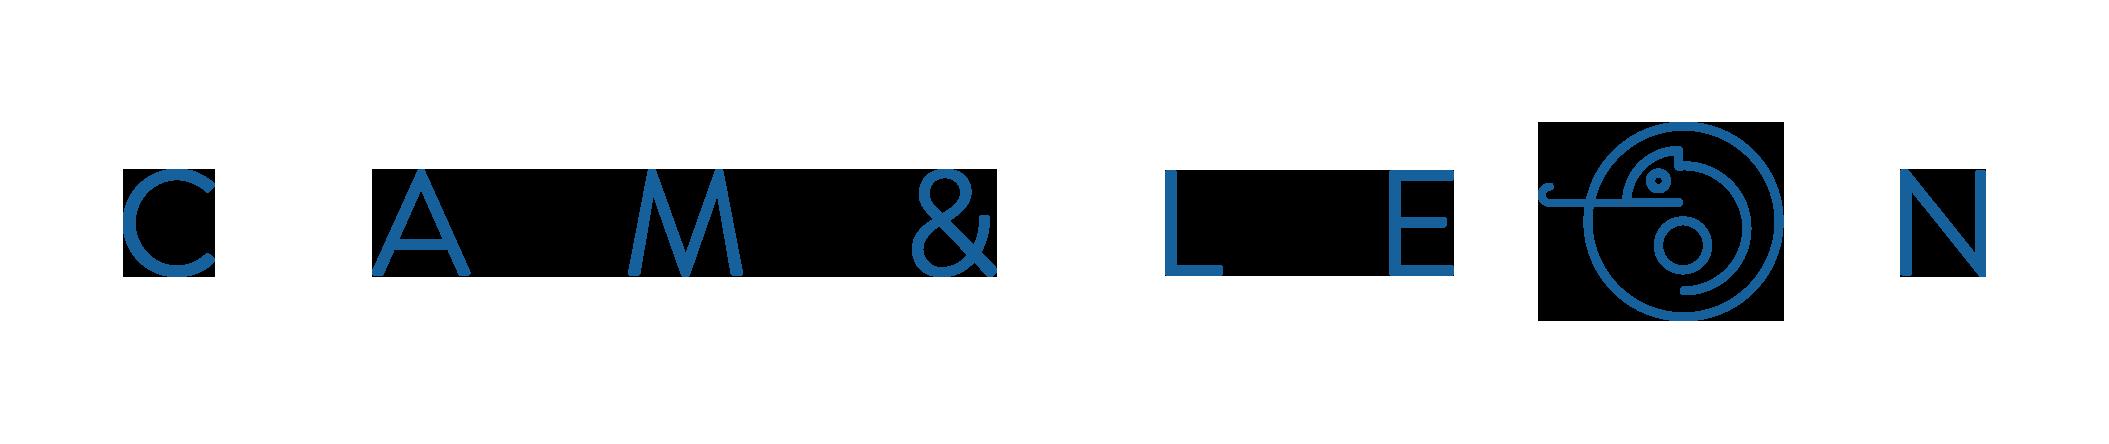 Agence web en Alsace, création site internet et e-commerce, marketing digital